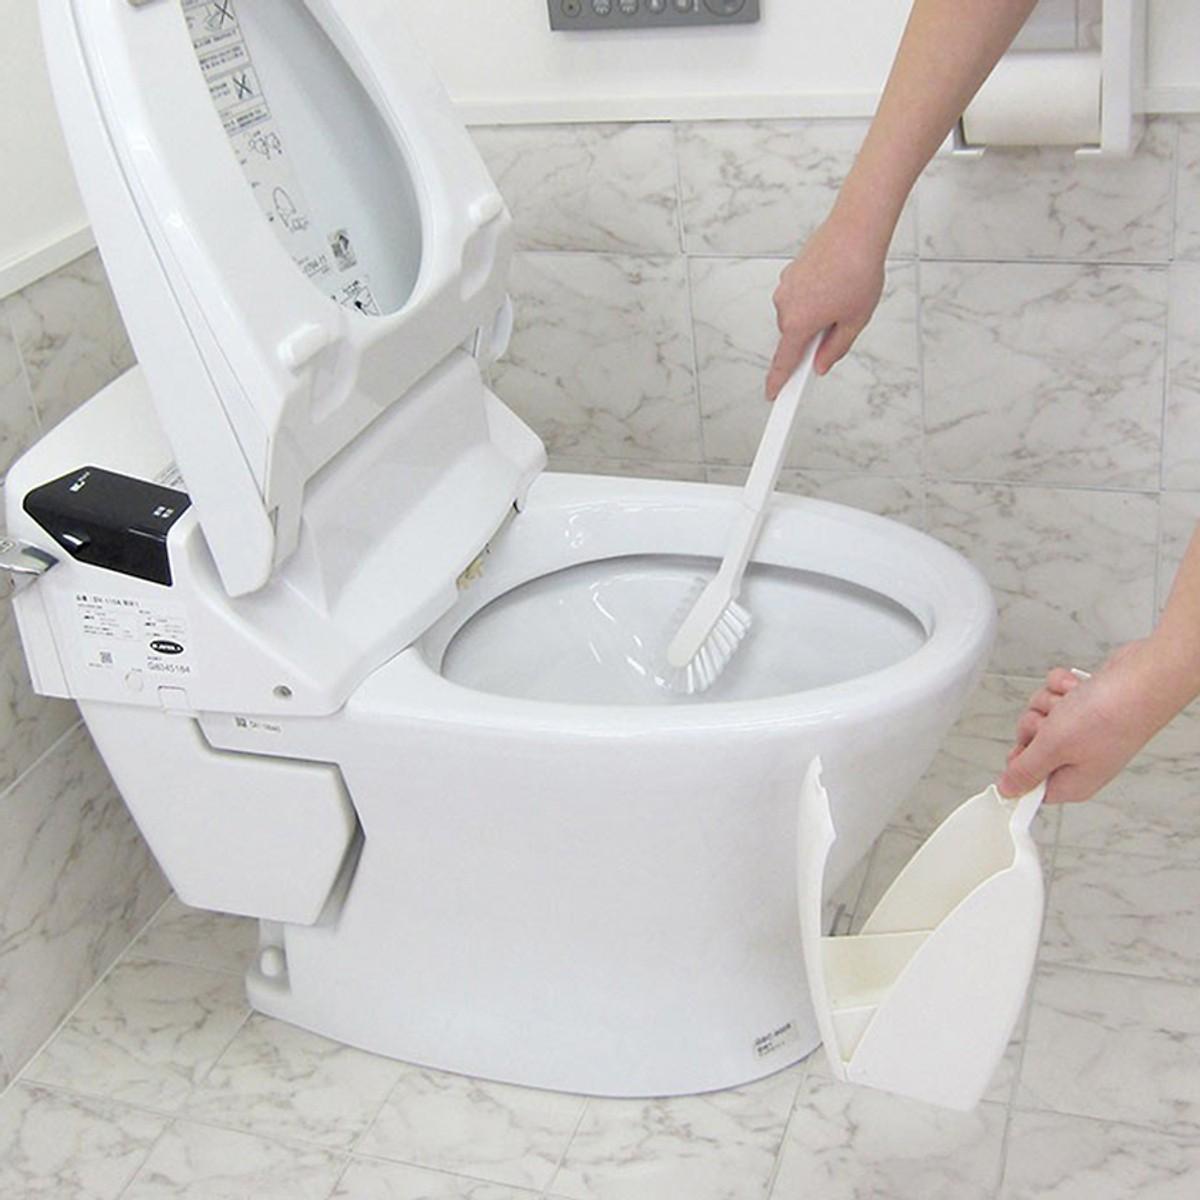 Bàn Chải Cọ Bồn Cầu Toilet Siêu Sạch Nhật Bản (Tặng Trà Matcha Macca)